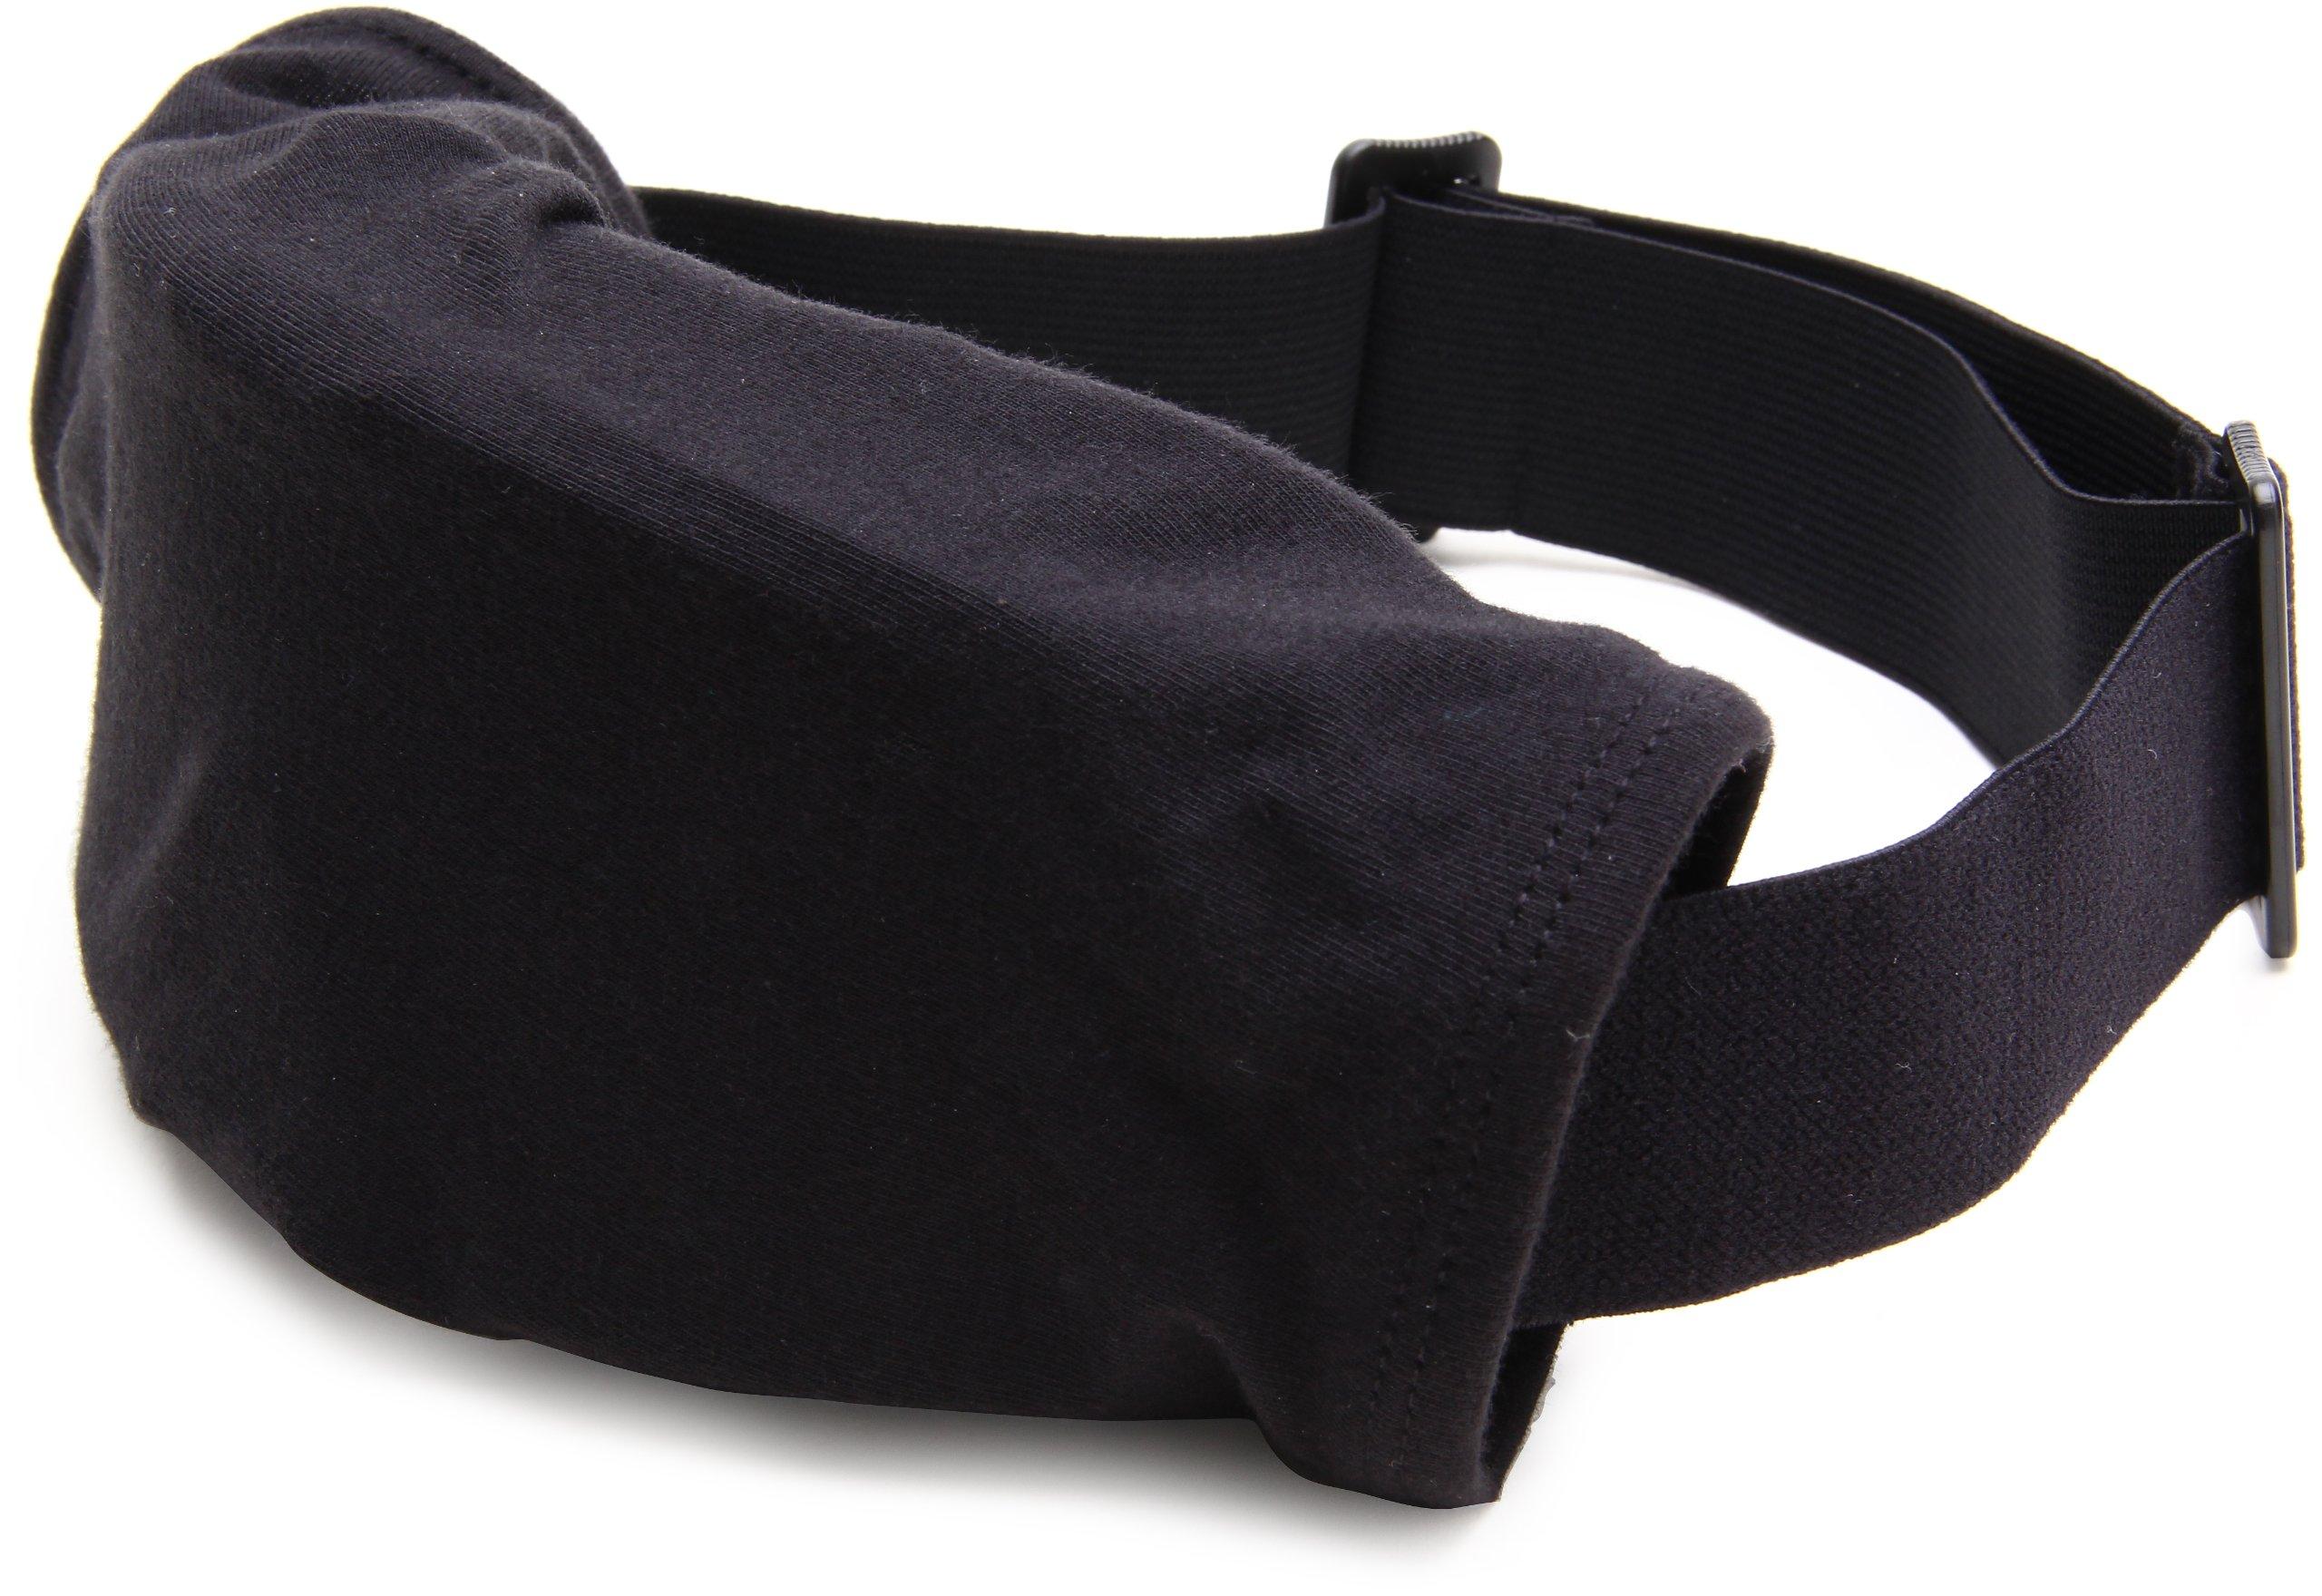 Bobster Alpha Ballistics Goggles, Black Frame/Smoke & Clear Lenses by Bobster Eyewear (Image #7)